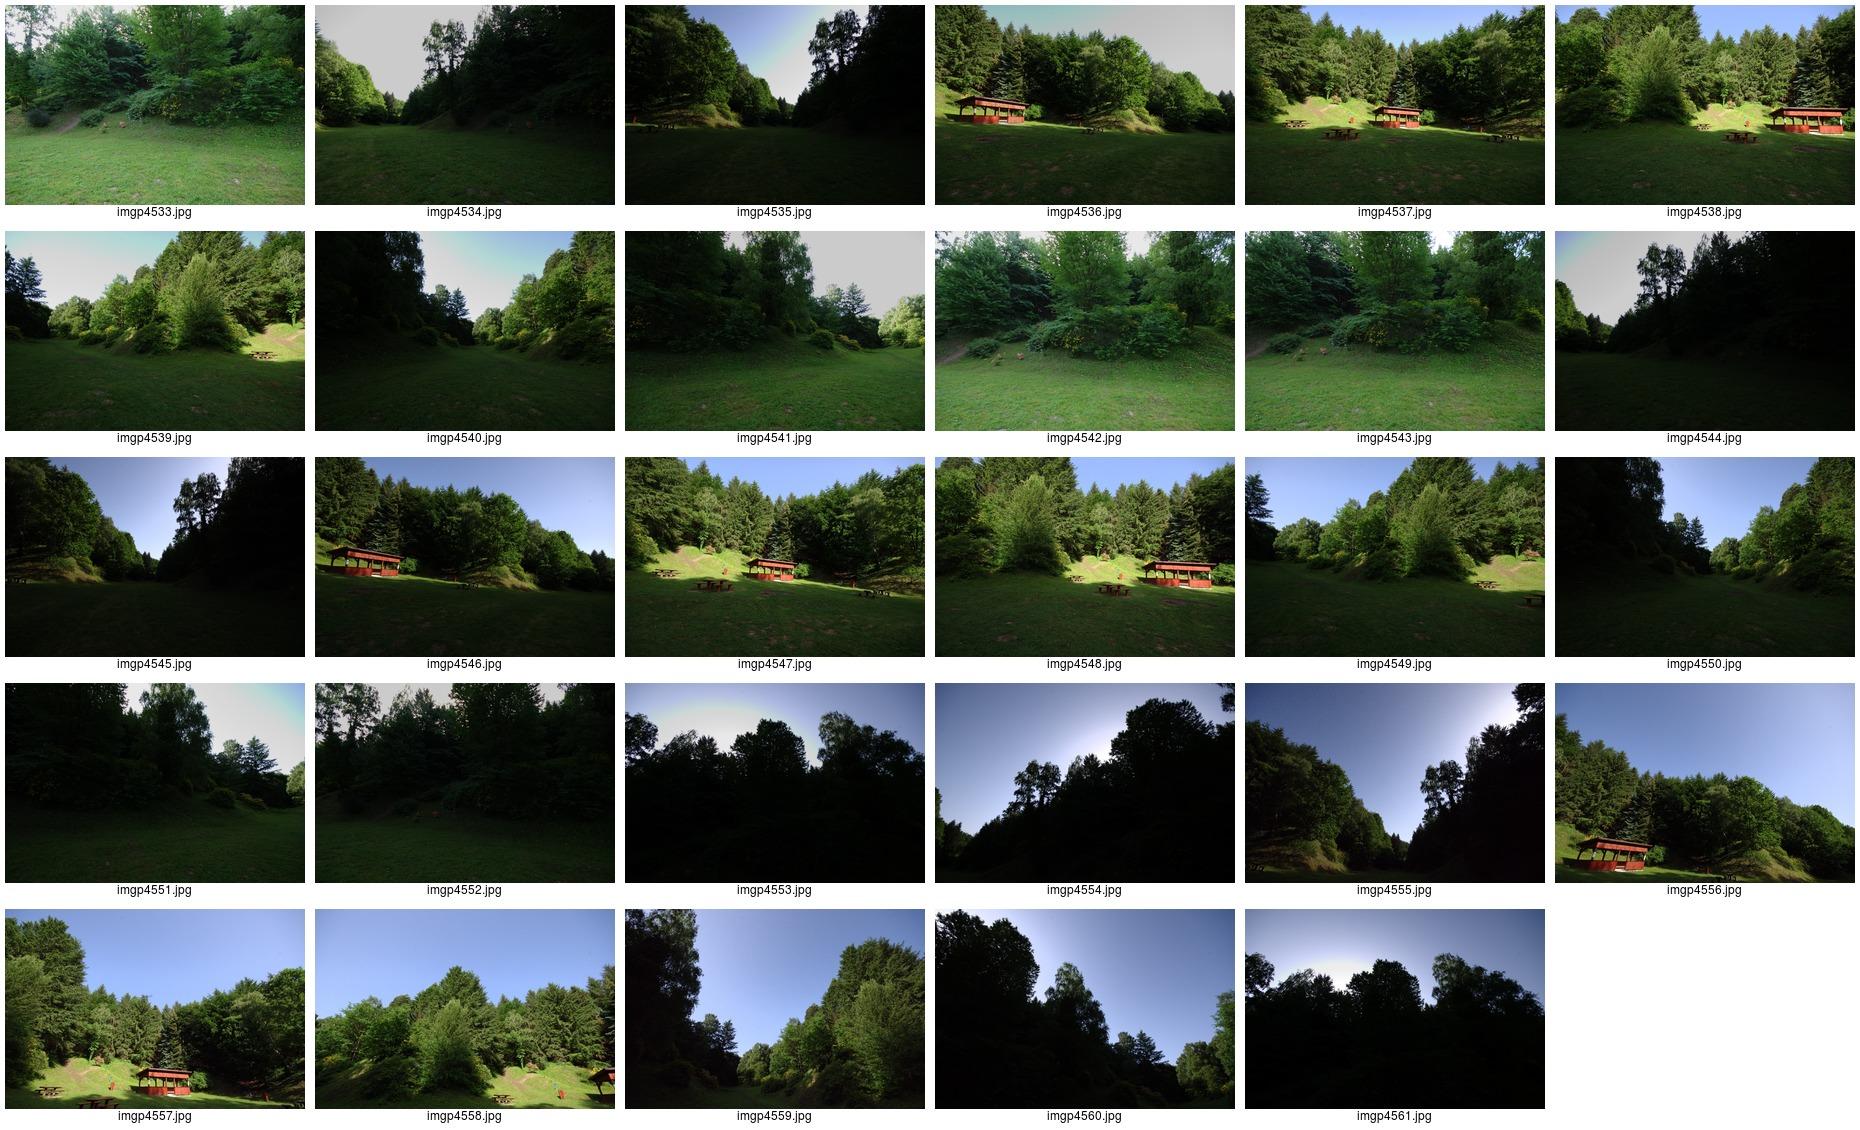 panorama_input.jpg